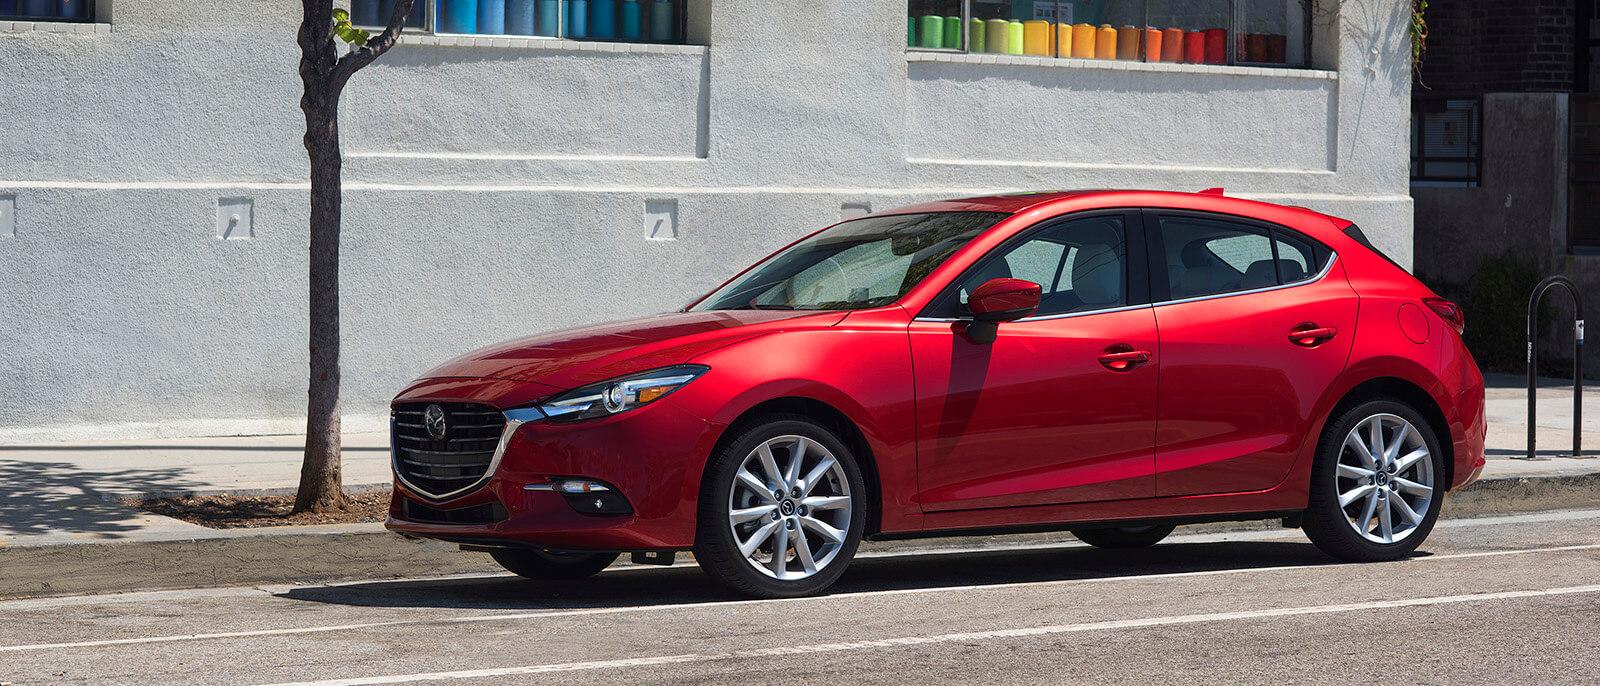 2017_Mazda3 Red